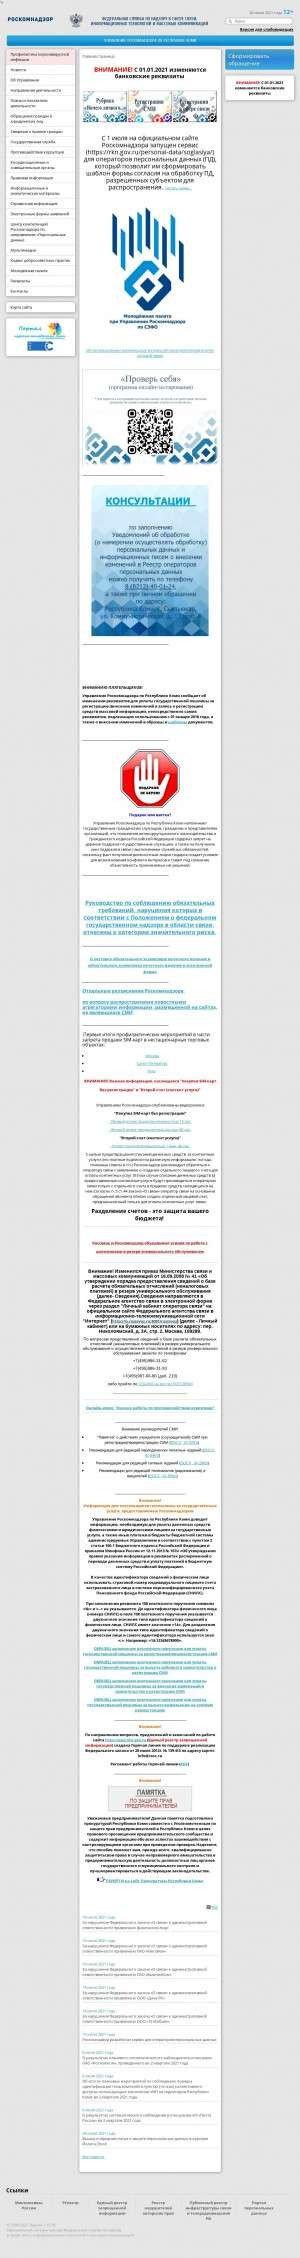 Предпросмотр для 11.rkn.gov.ru — Управление Федеральной службы по надзору в сфере связи, информационных технологий и массовых коммуникаций по Республике Коми